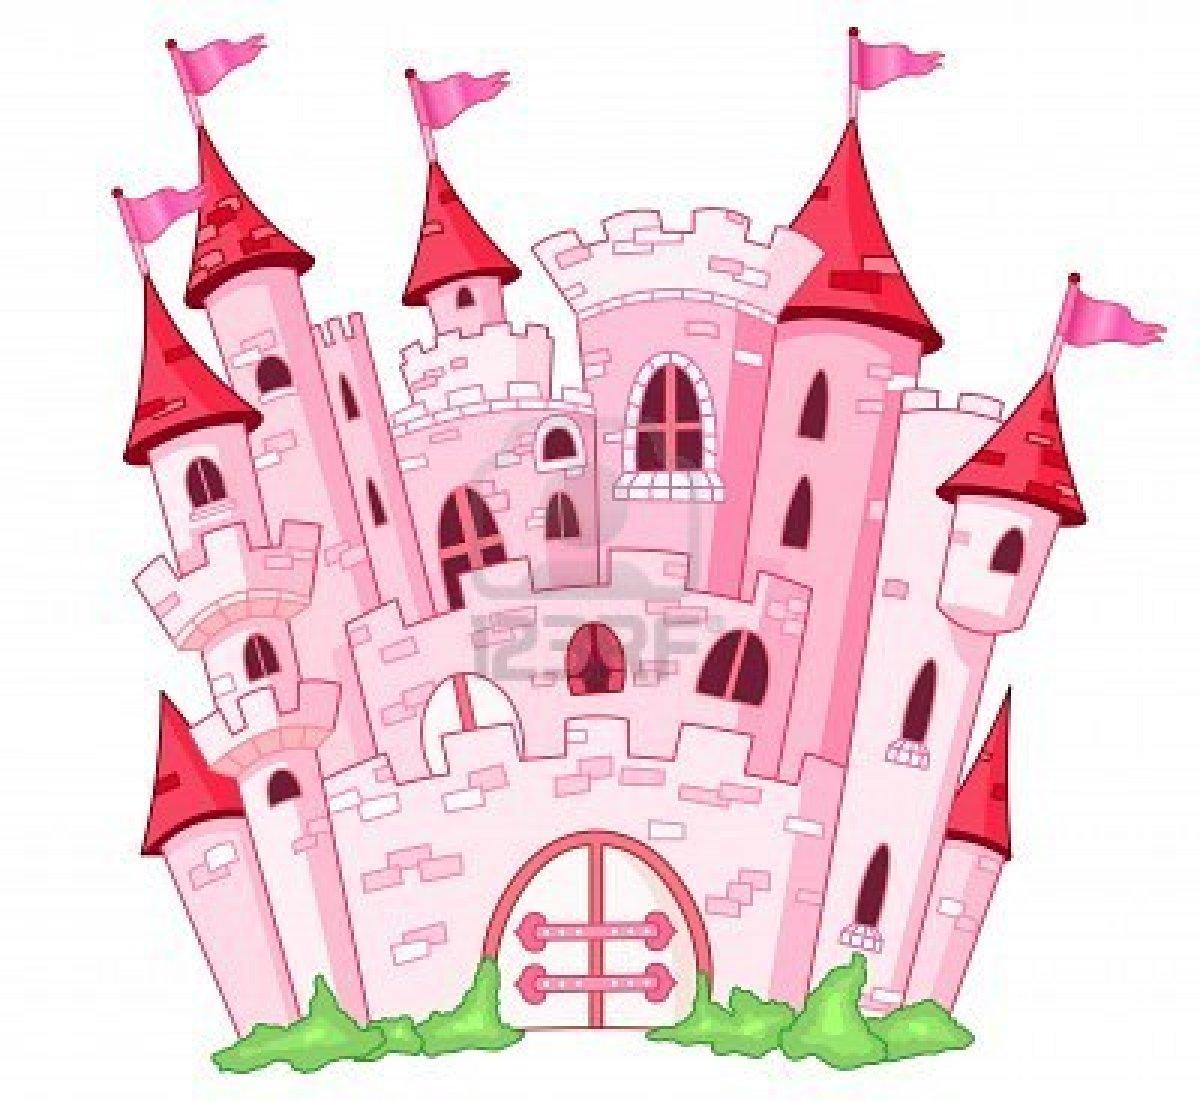 Aprendizaje basado en proyectos los castillos - Castillos para ninos de infantil ...